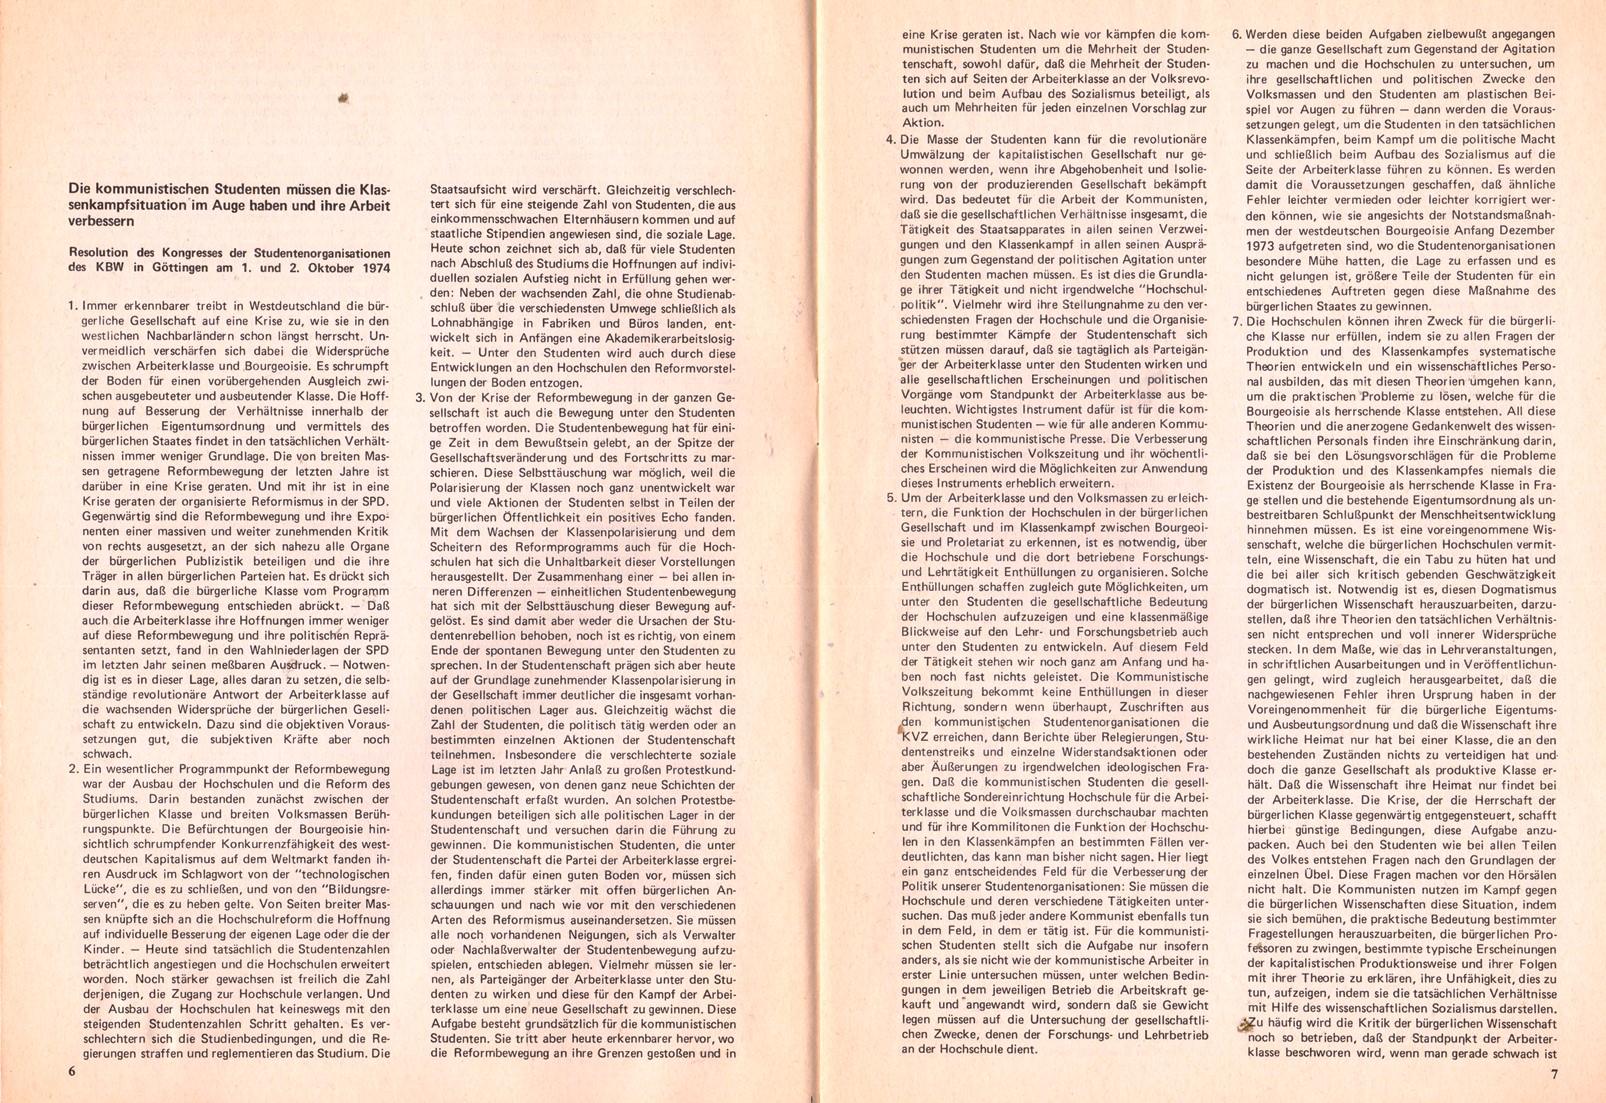 KBW_1974_Aufgaben_der_kommunistischen_Studenten_04